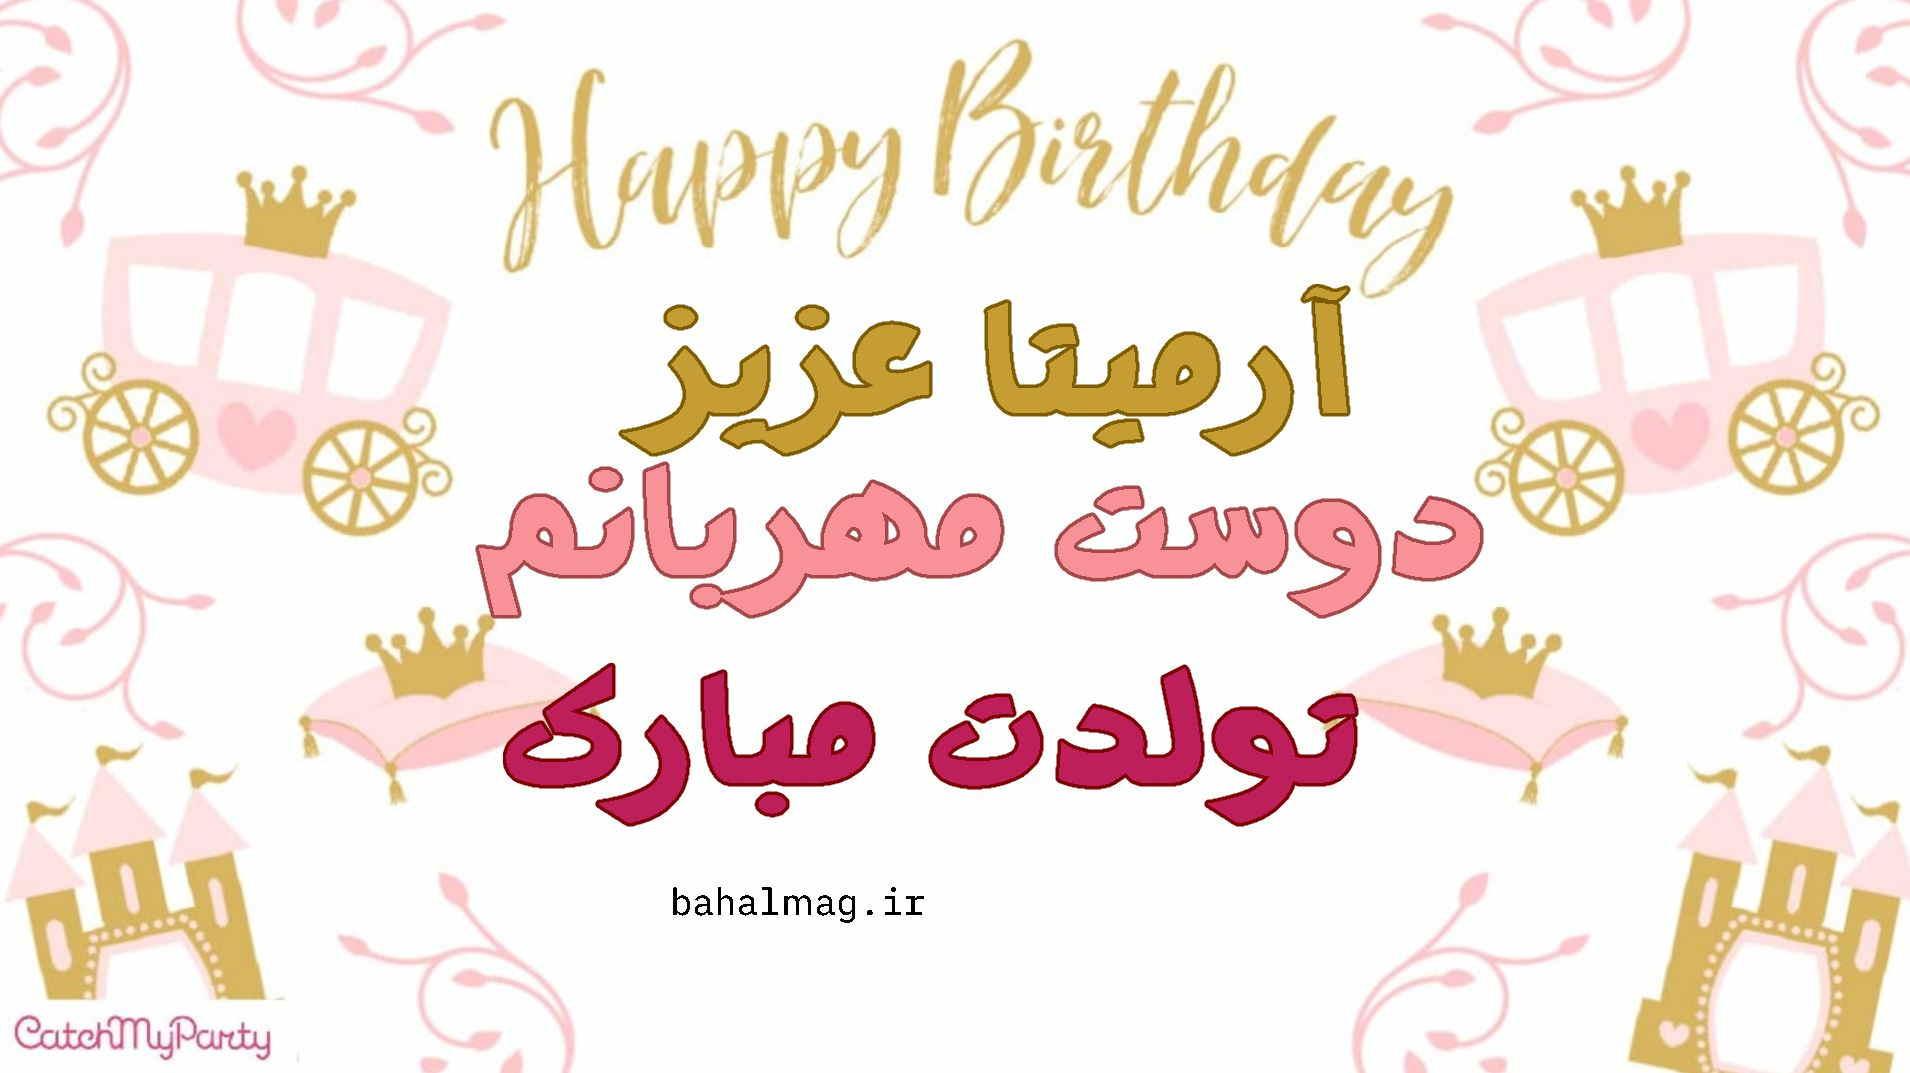 آرمیتا دوست مهربانم تولدت مبارک